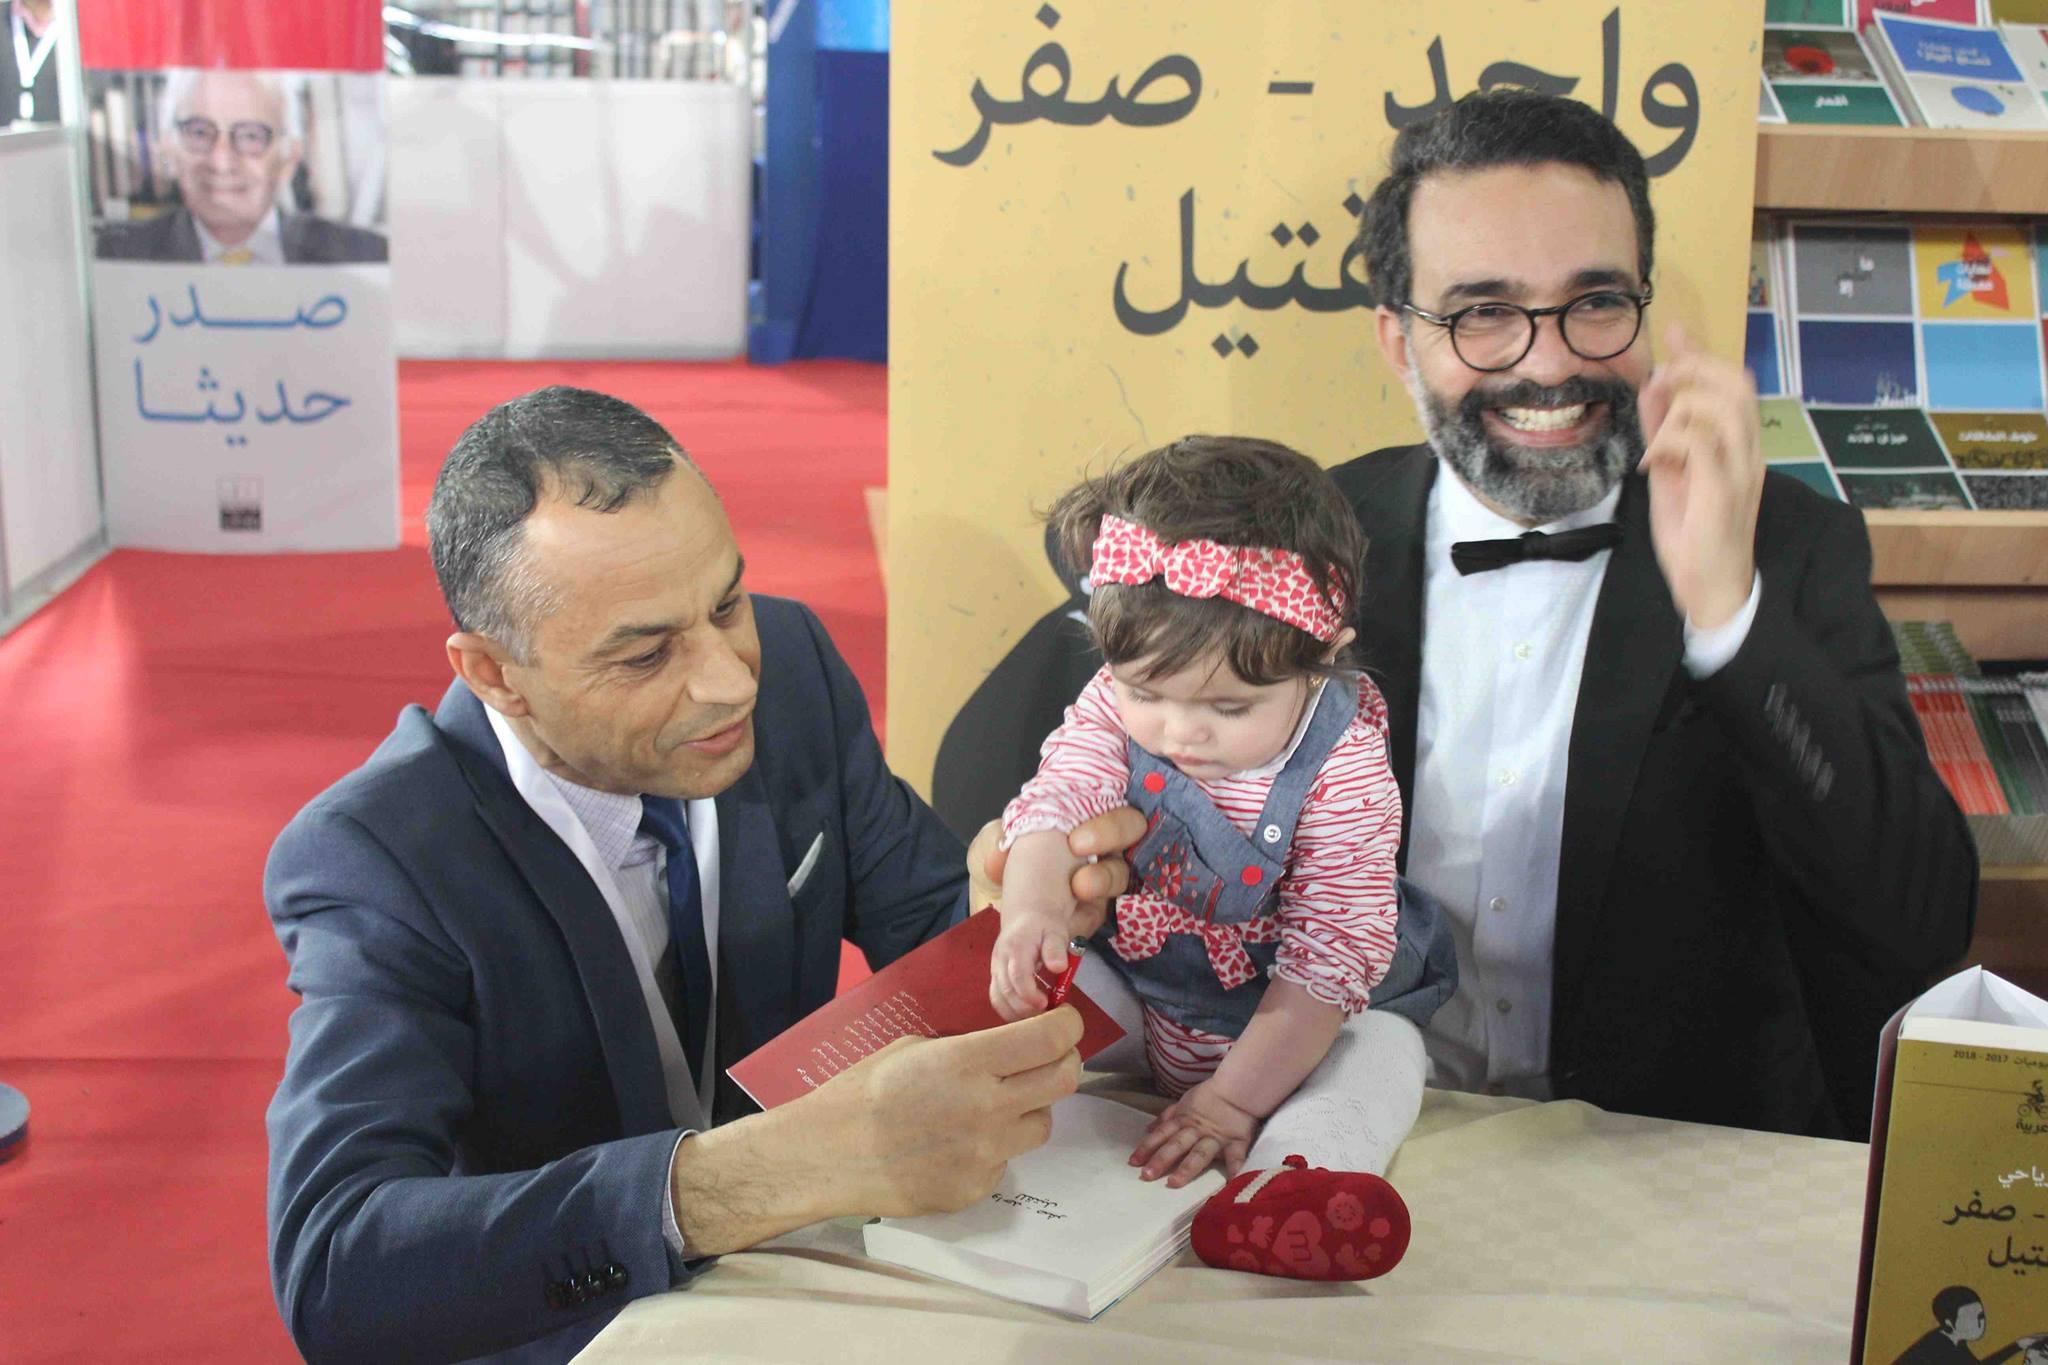 كمال الرياحى يوقع كتابه واحد صفر للقتيل الفائز بجائزة ابن بطوطة فى معرض تونس (32)